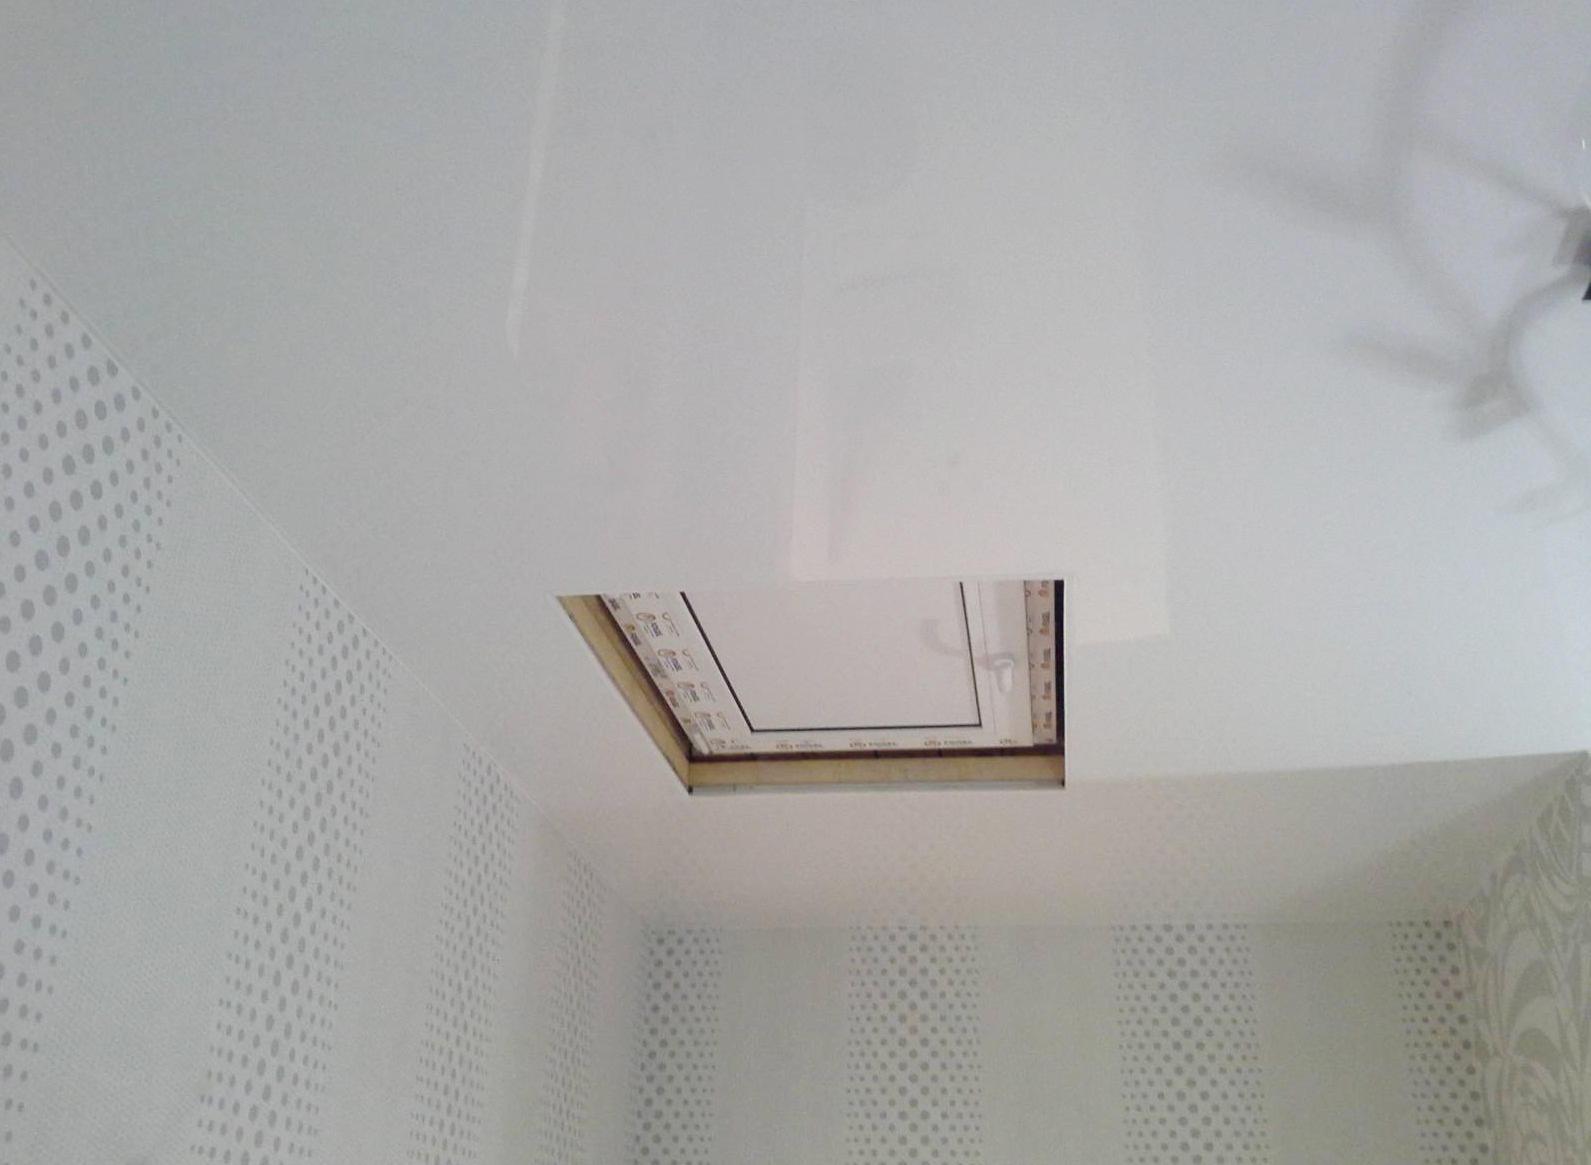 Делая люк в потолке, следует обязательно установить выдвижную лестницу